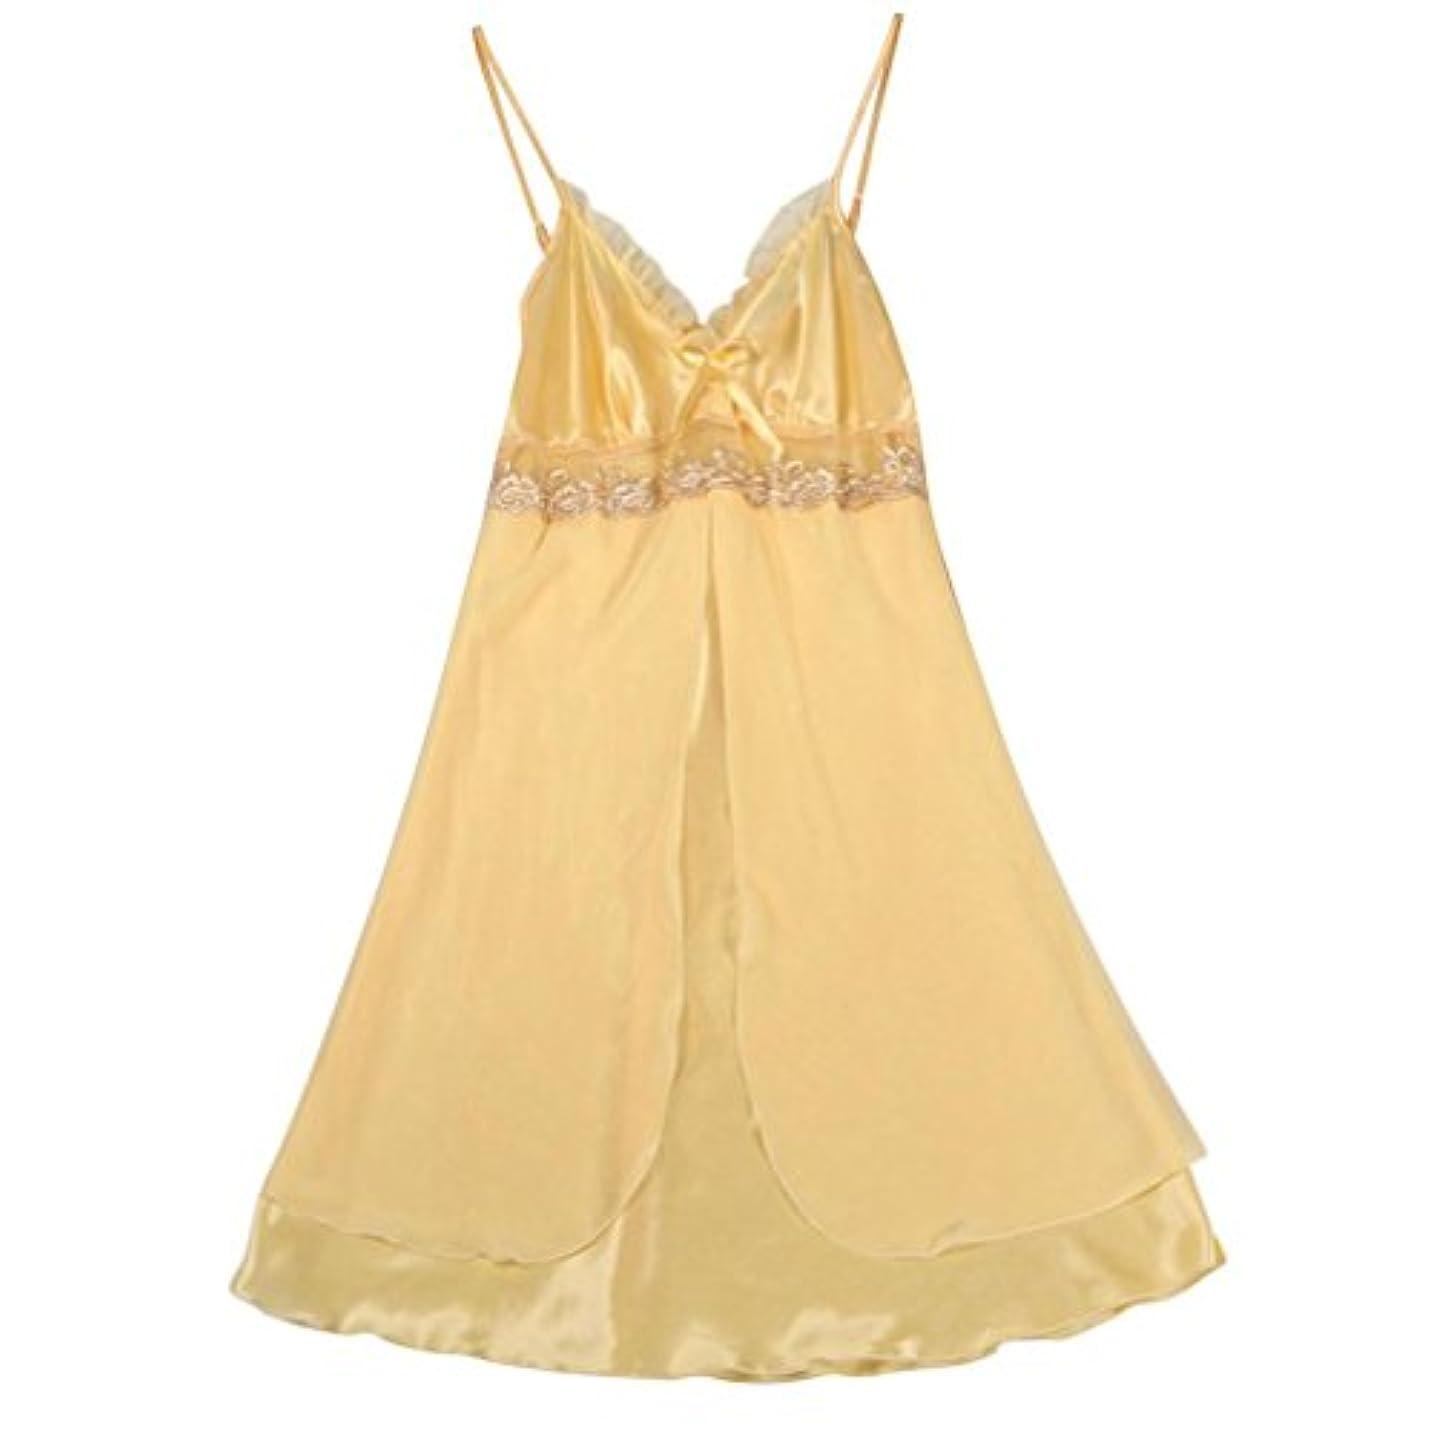 ピン翻訳するスーダンランジェリー ファッション女性 セクシーレース 大きいサイズ 寝間着 下着レース ベビードール セット ストラップレース 夜 ドレスセクシー